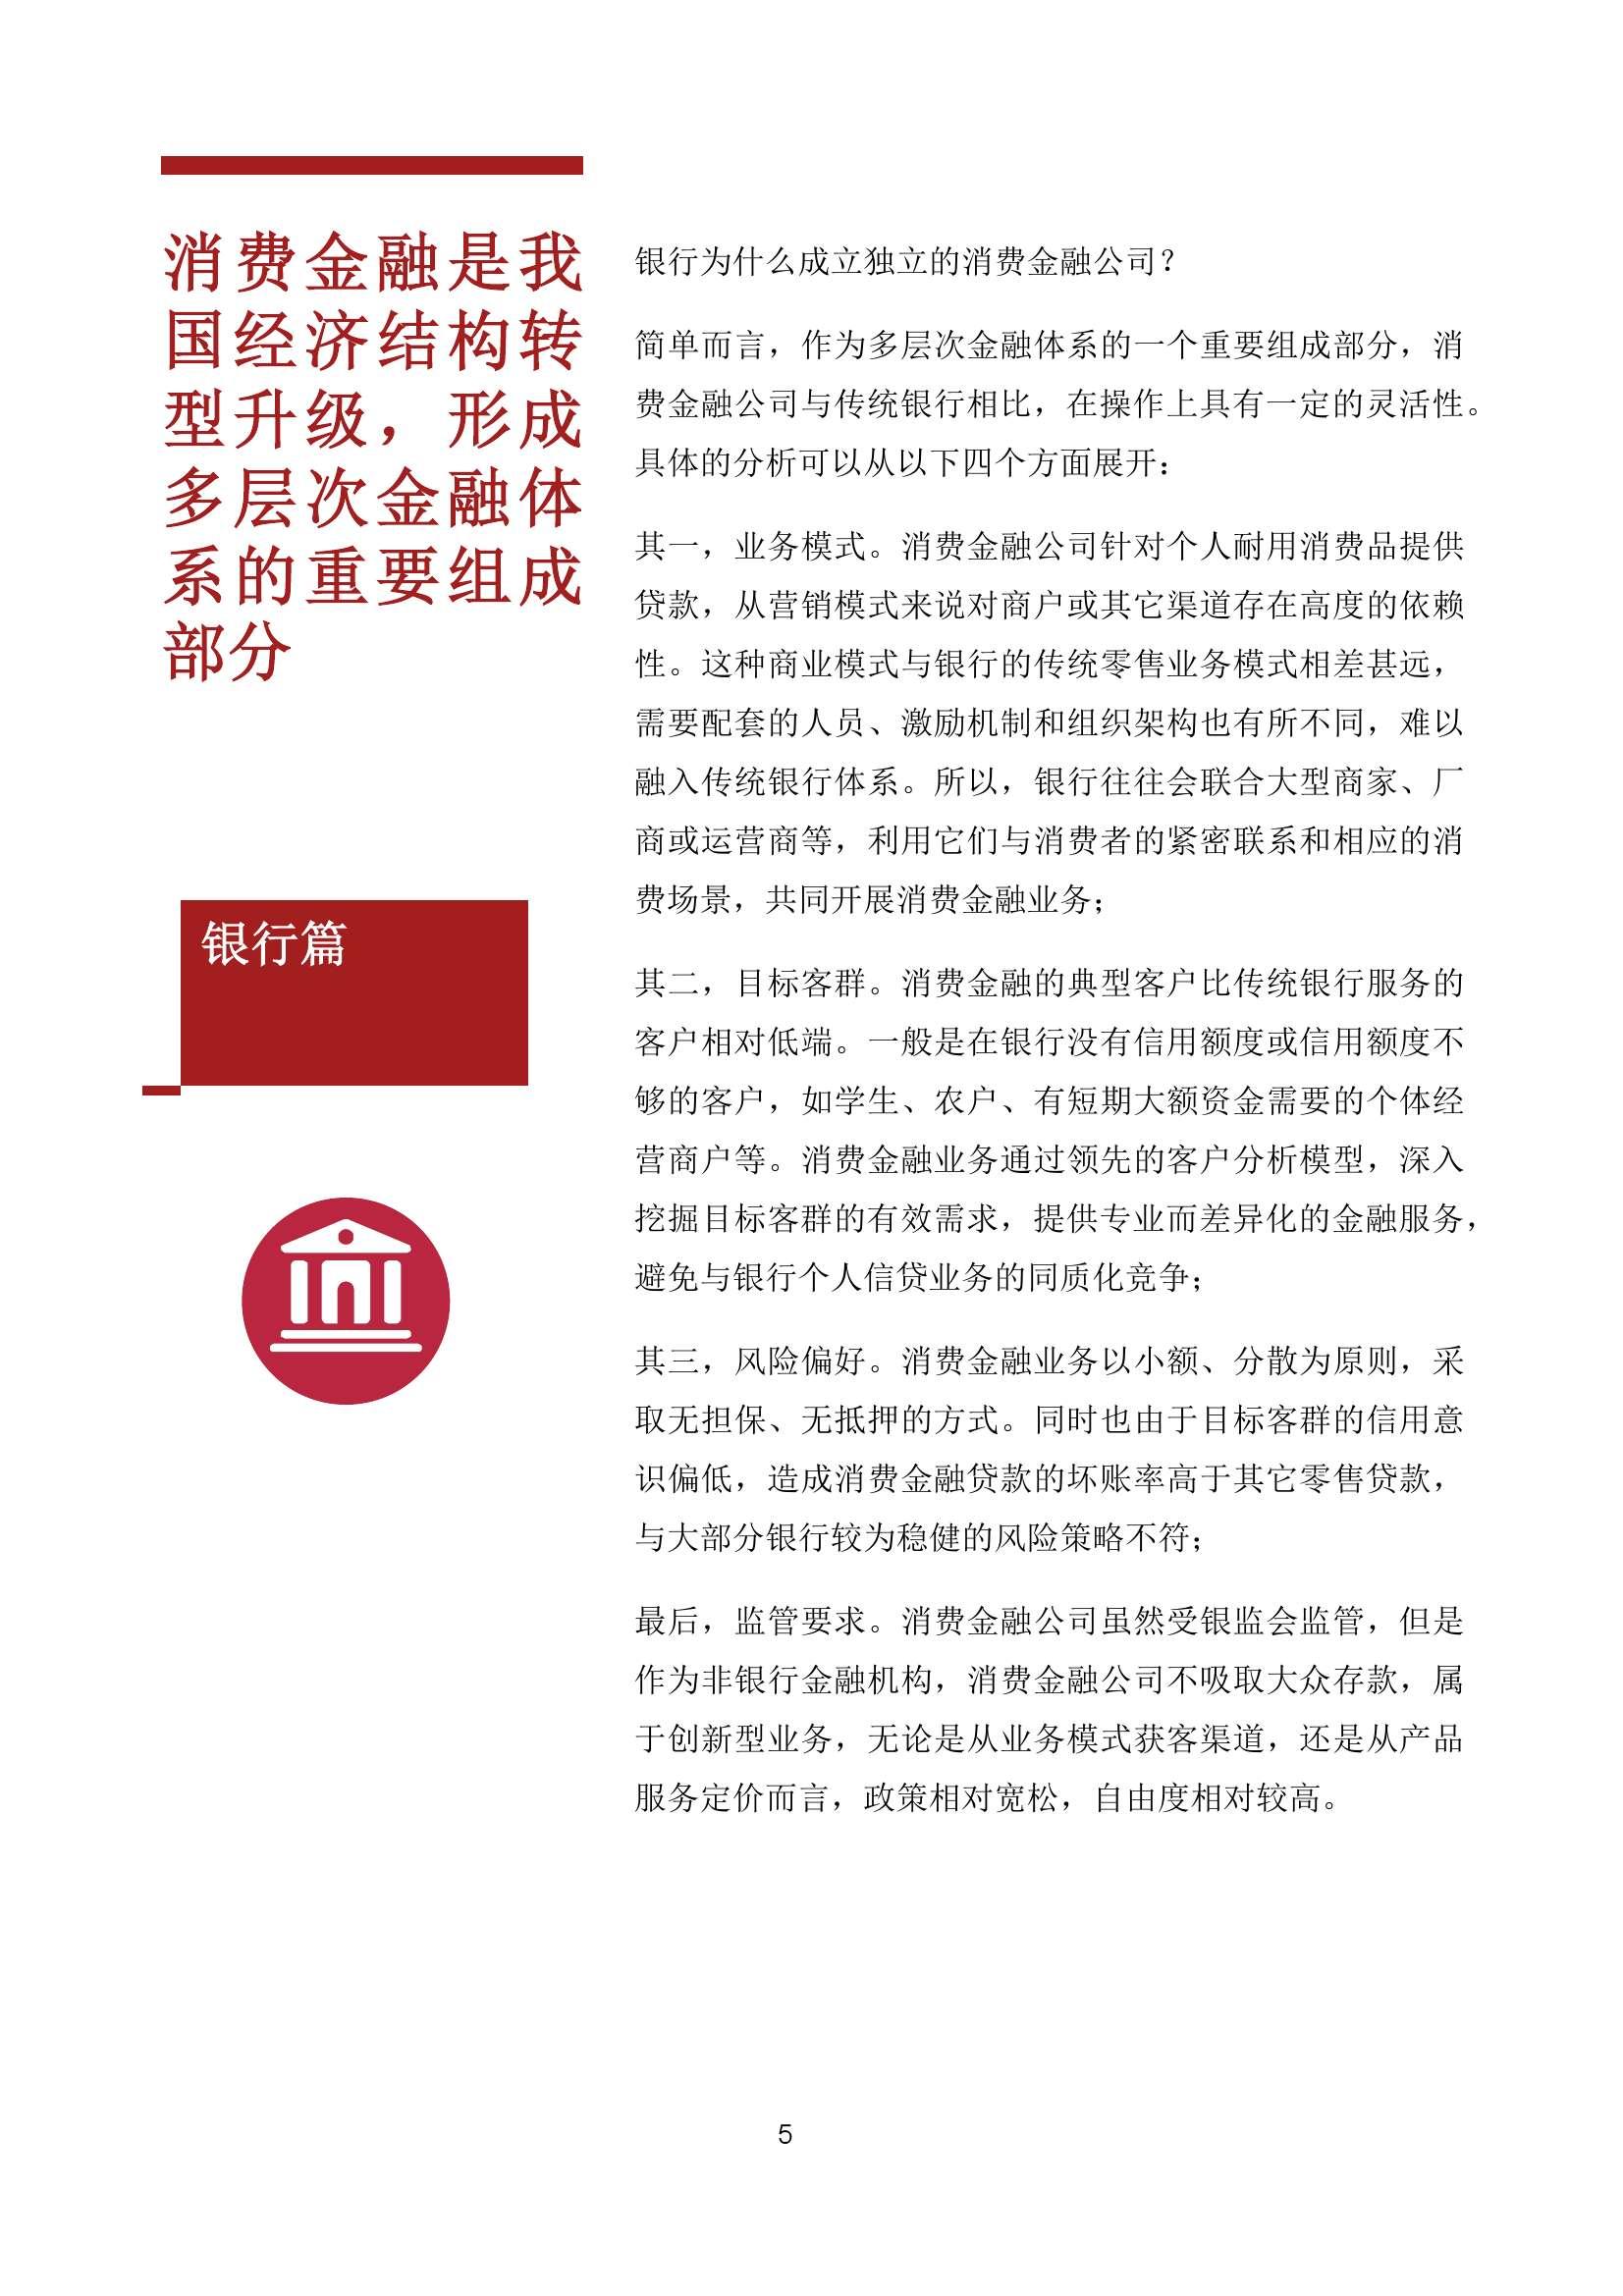 中国零售银行的蓝海_000005